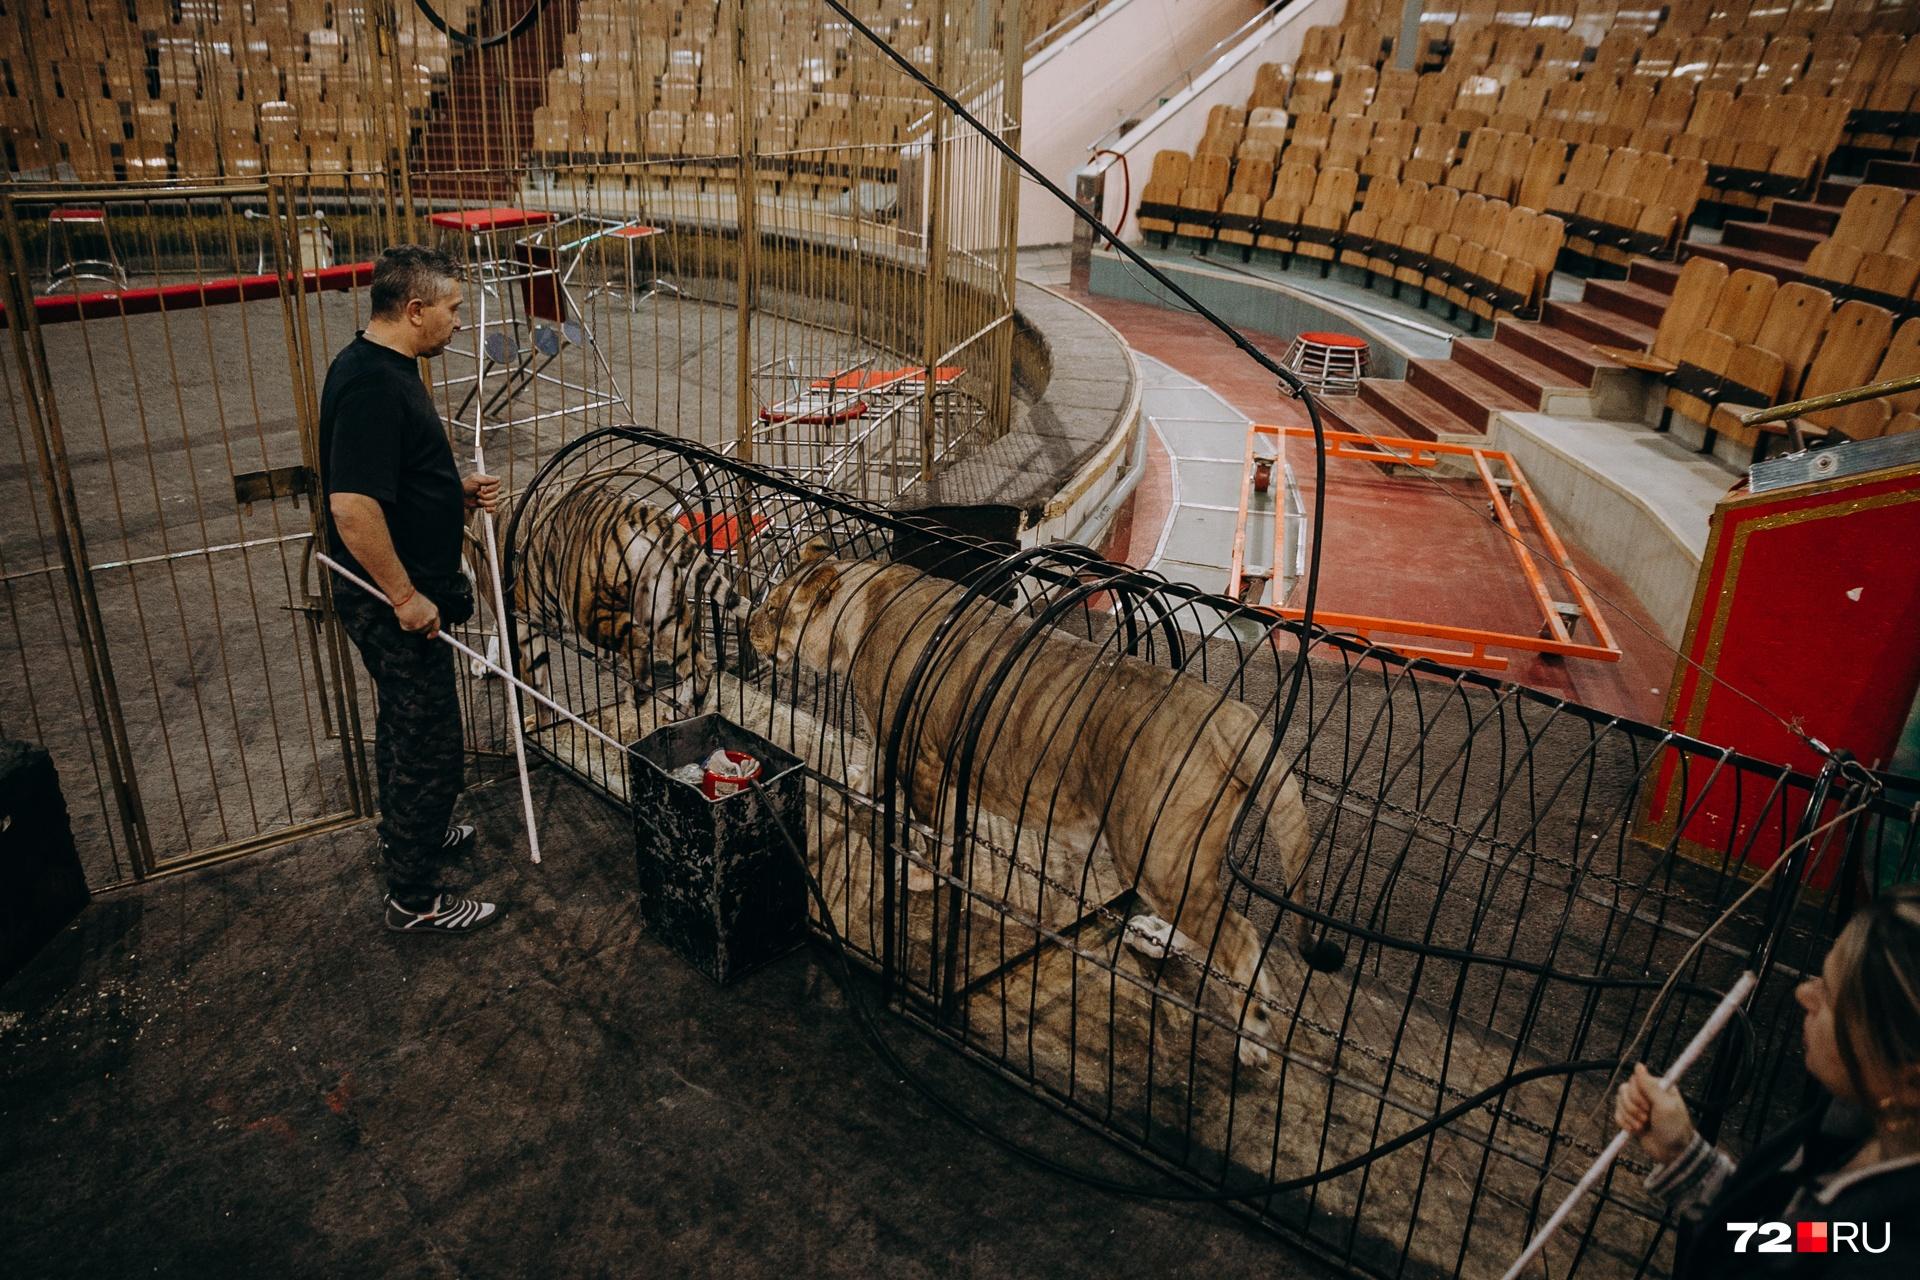 Хищники выходят на манеж по специальному тоннелю из крепких металлических прутьев. Ассистенты следят, чтобы всё прошло без сбоев